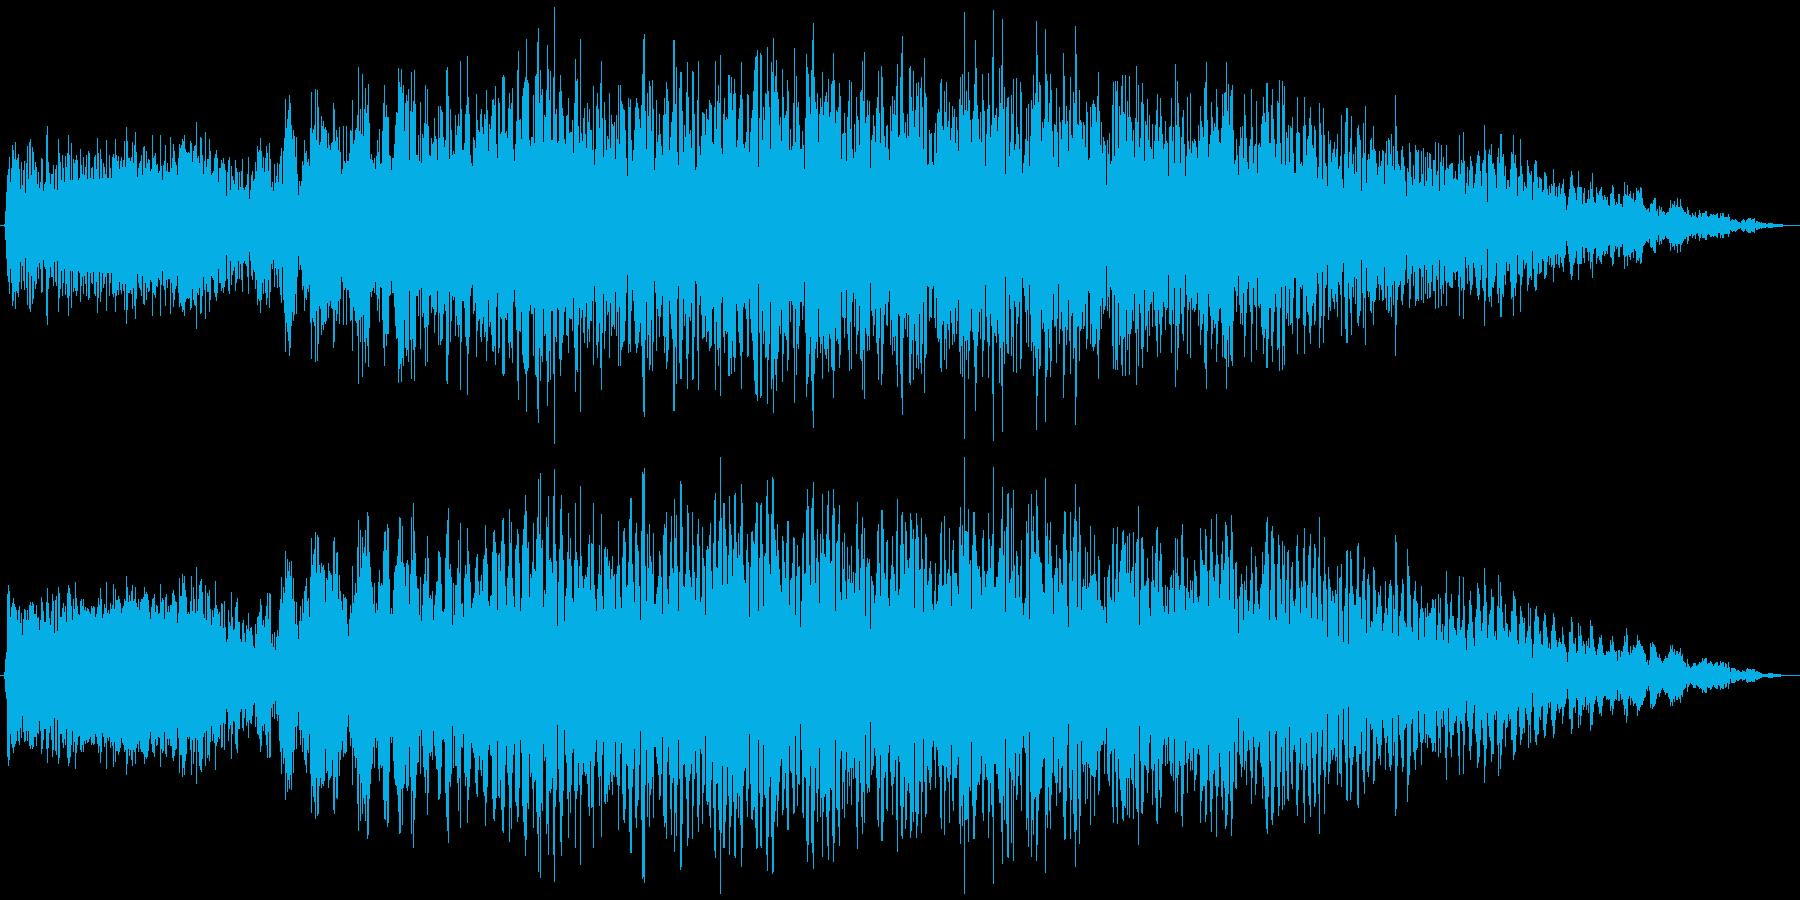 電子レンジ 温める音の再生済みの波形